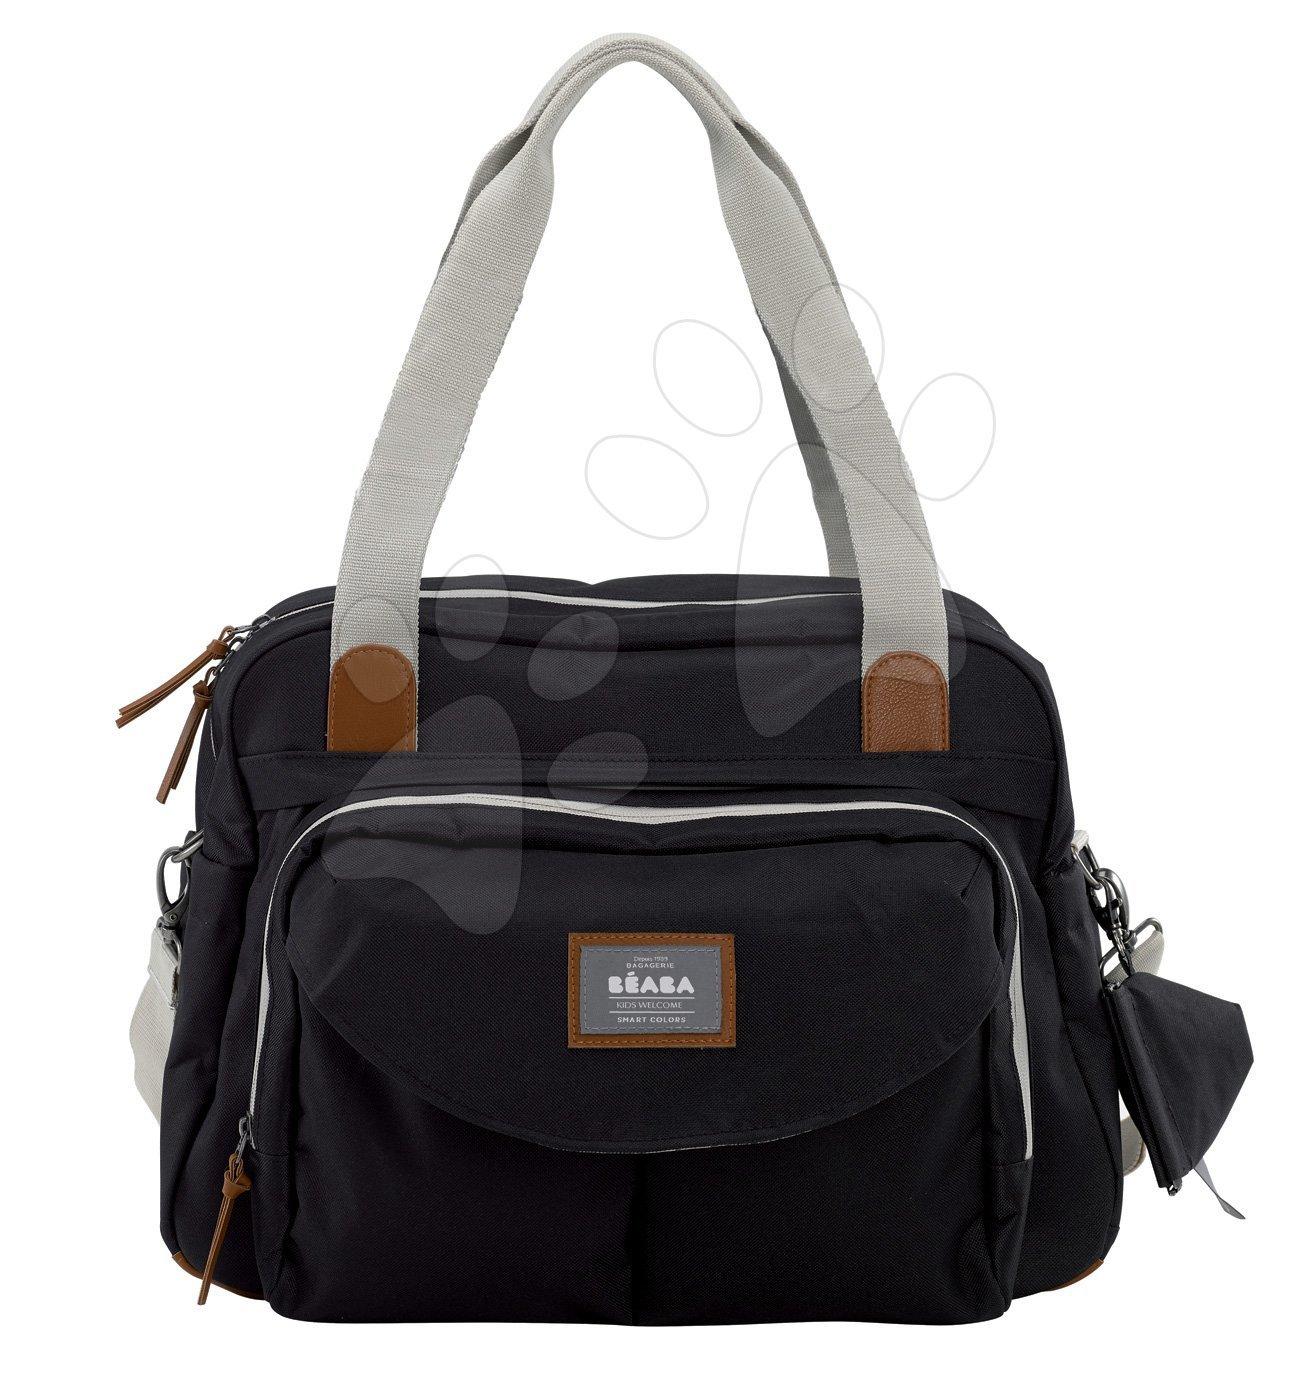 Previjalna torba za vozičke Beaba Geneva II črna